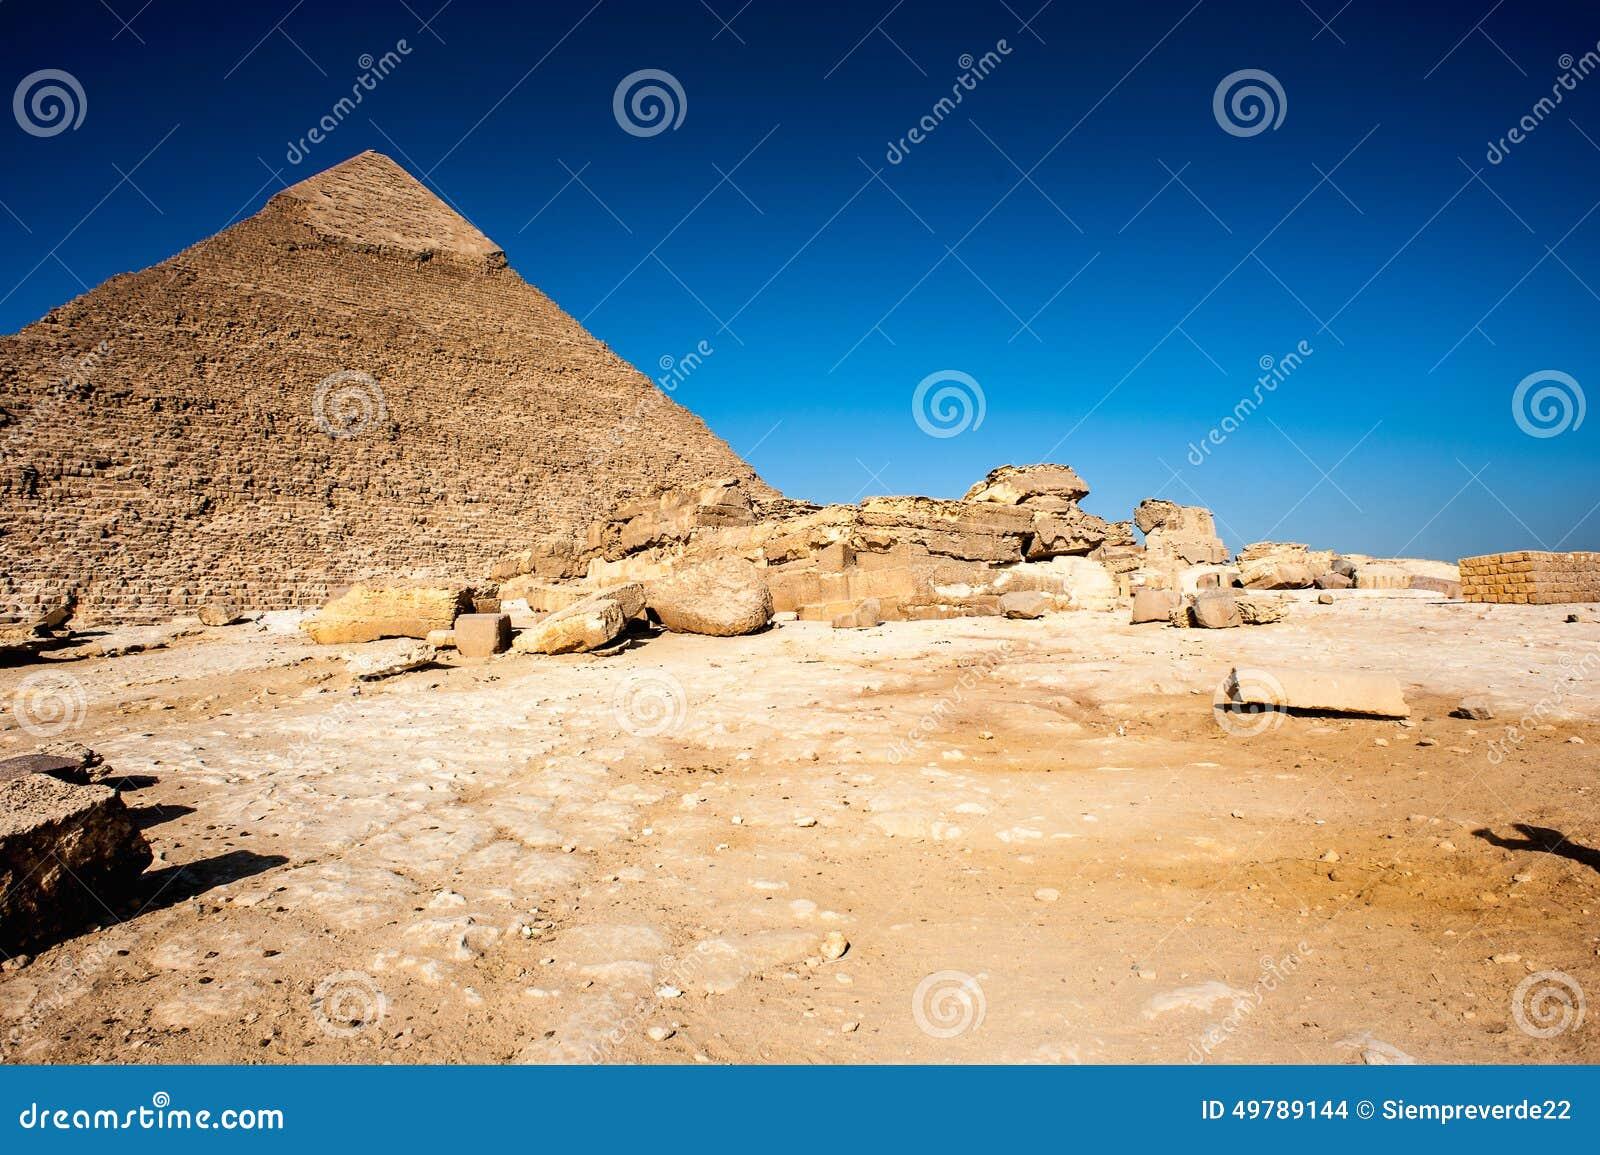 伟大的金字塔埃及小学北师大版4年级数学说课稿图片